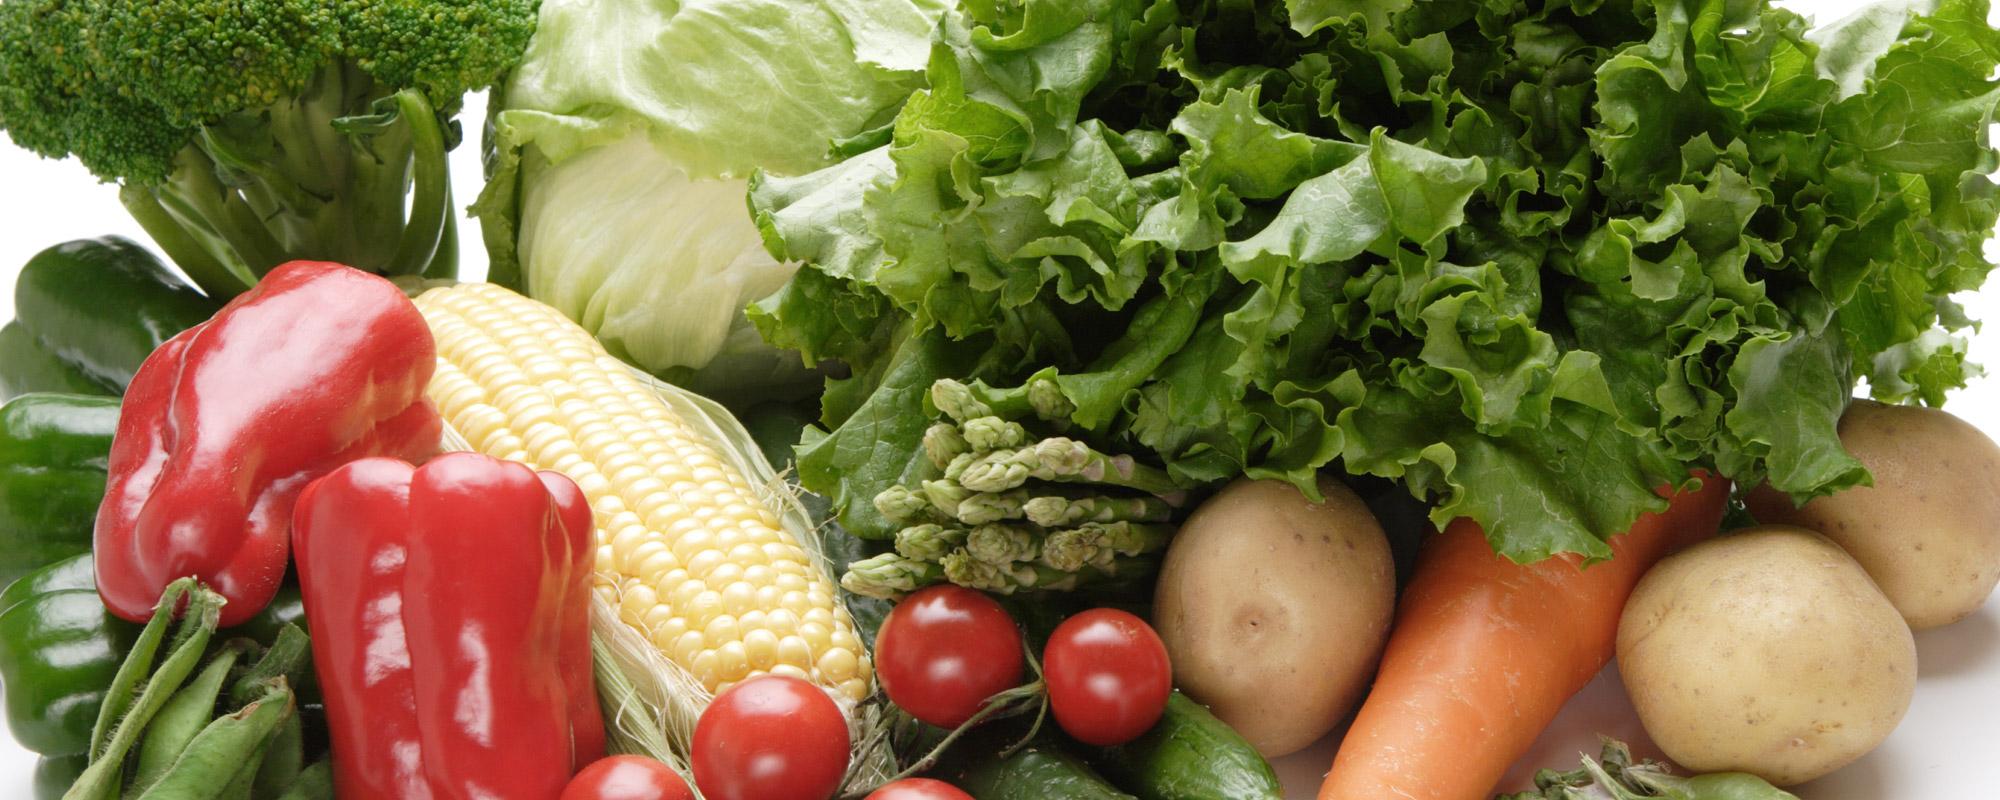 黒石市の農産品